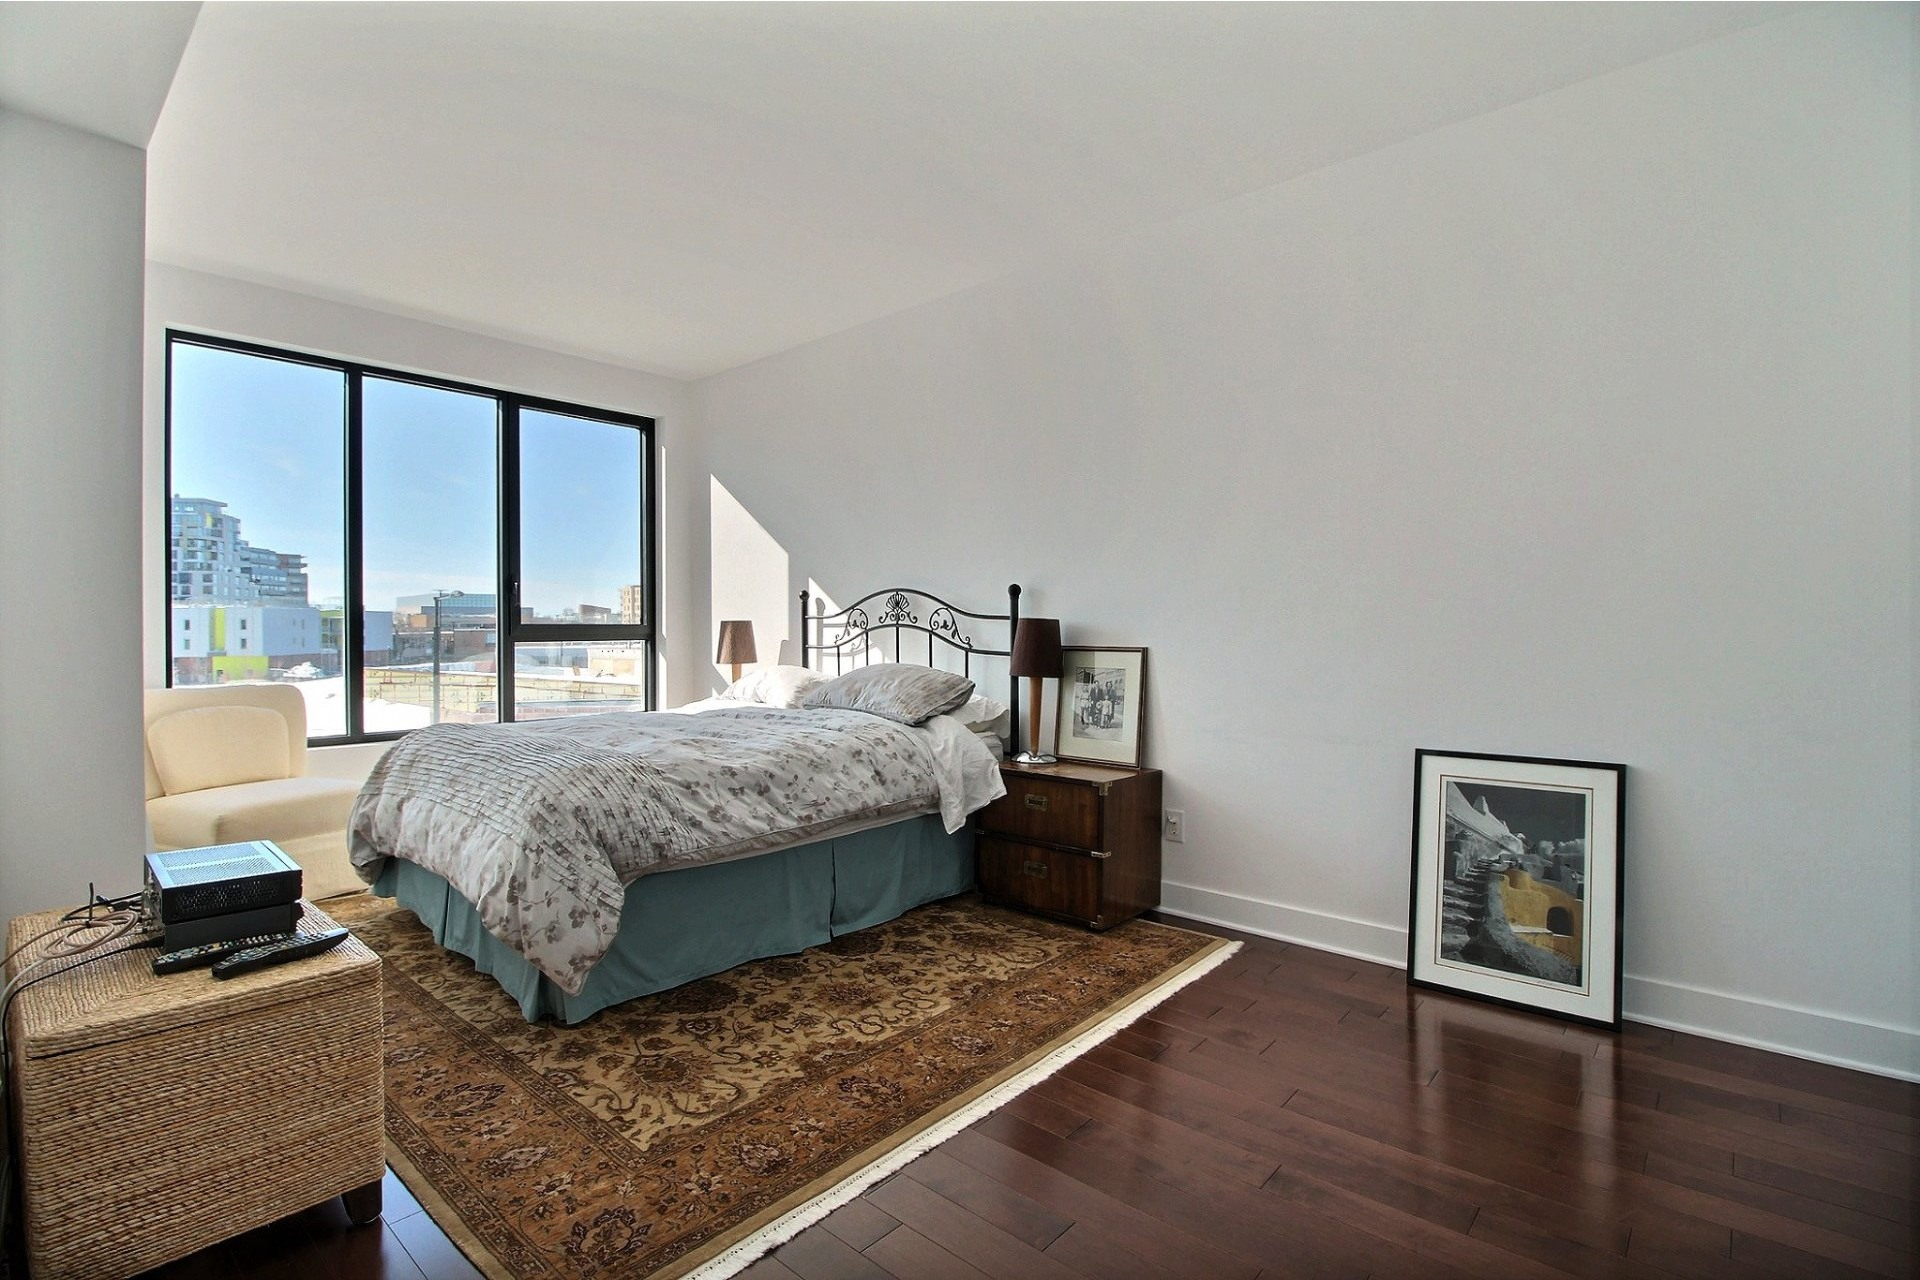 image 19 - Apartment For rent Côte-des-Neiges/Notre-Dame-de-Grâce Montréal  - 4 rooms